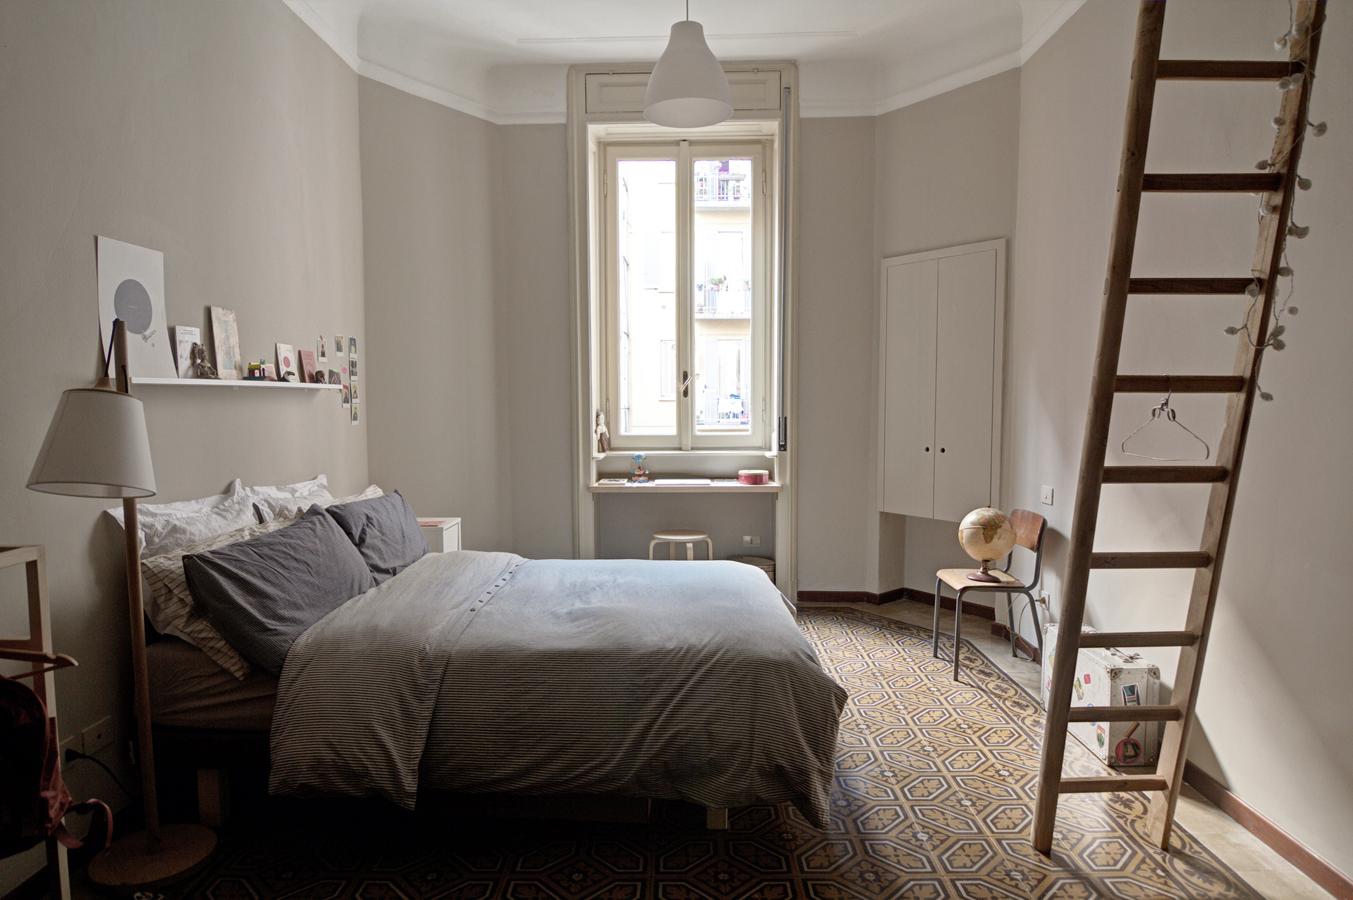 Casa in stile vecchia milano living corriere for Appartamento via decorati milano